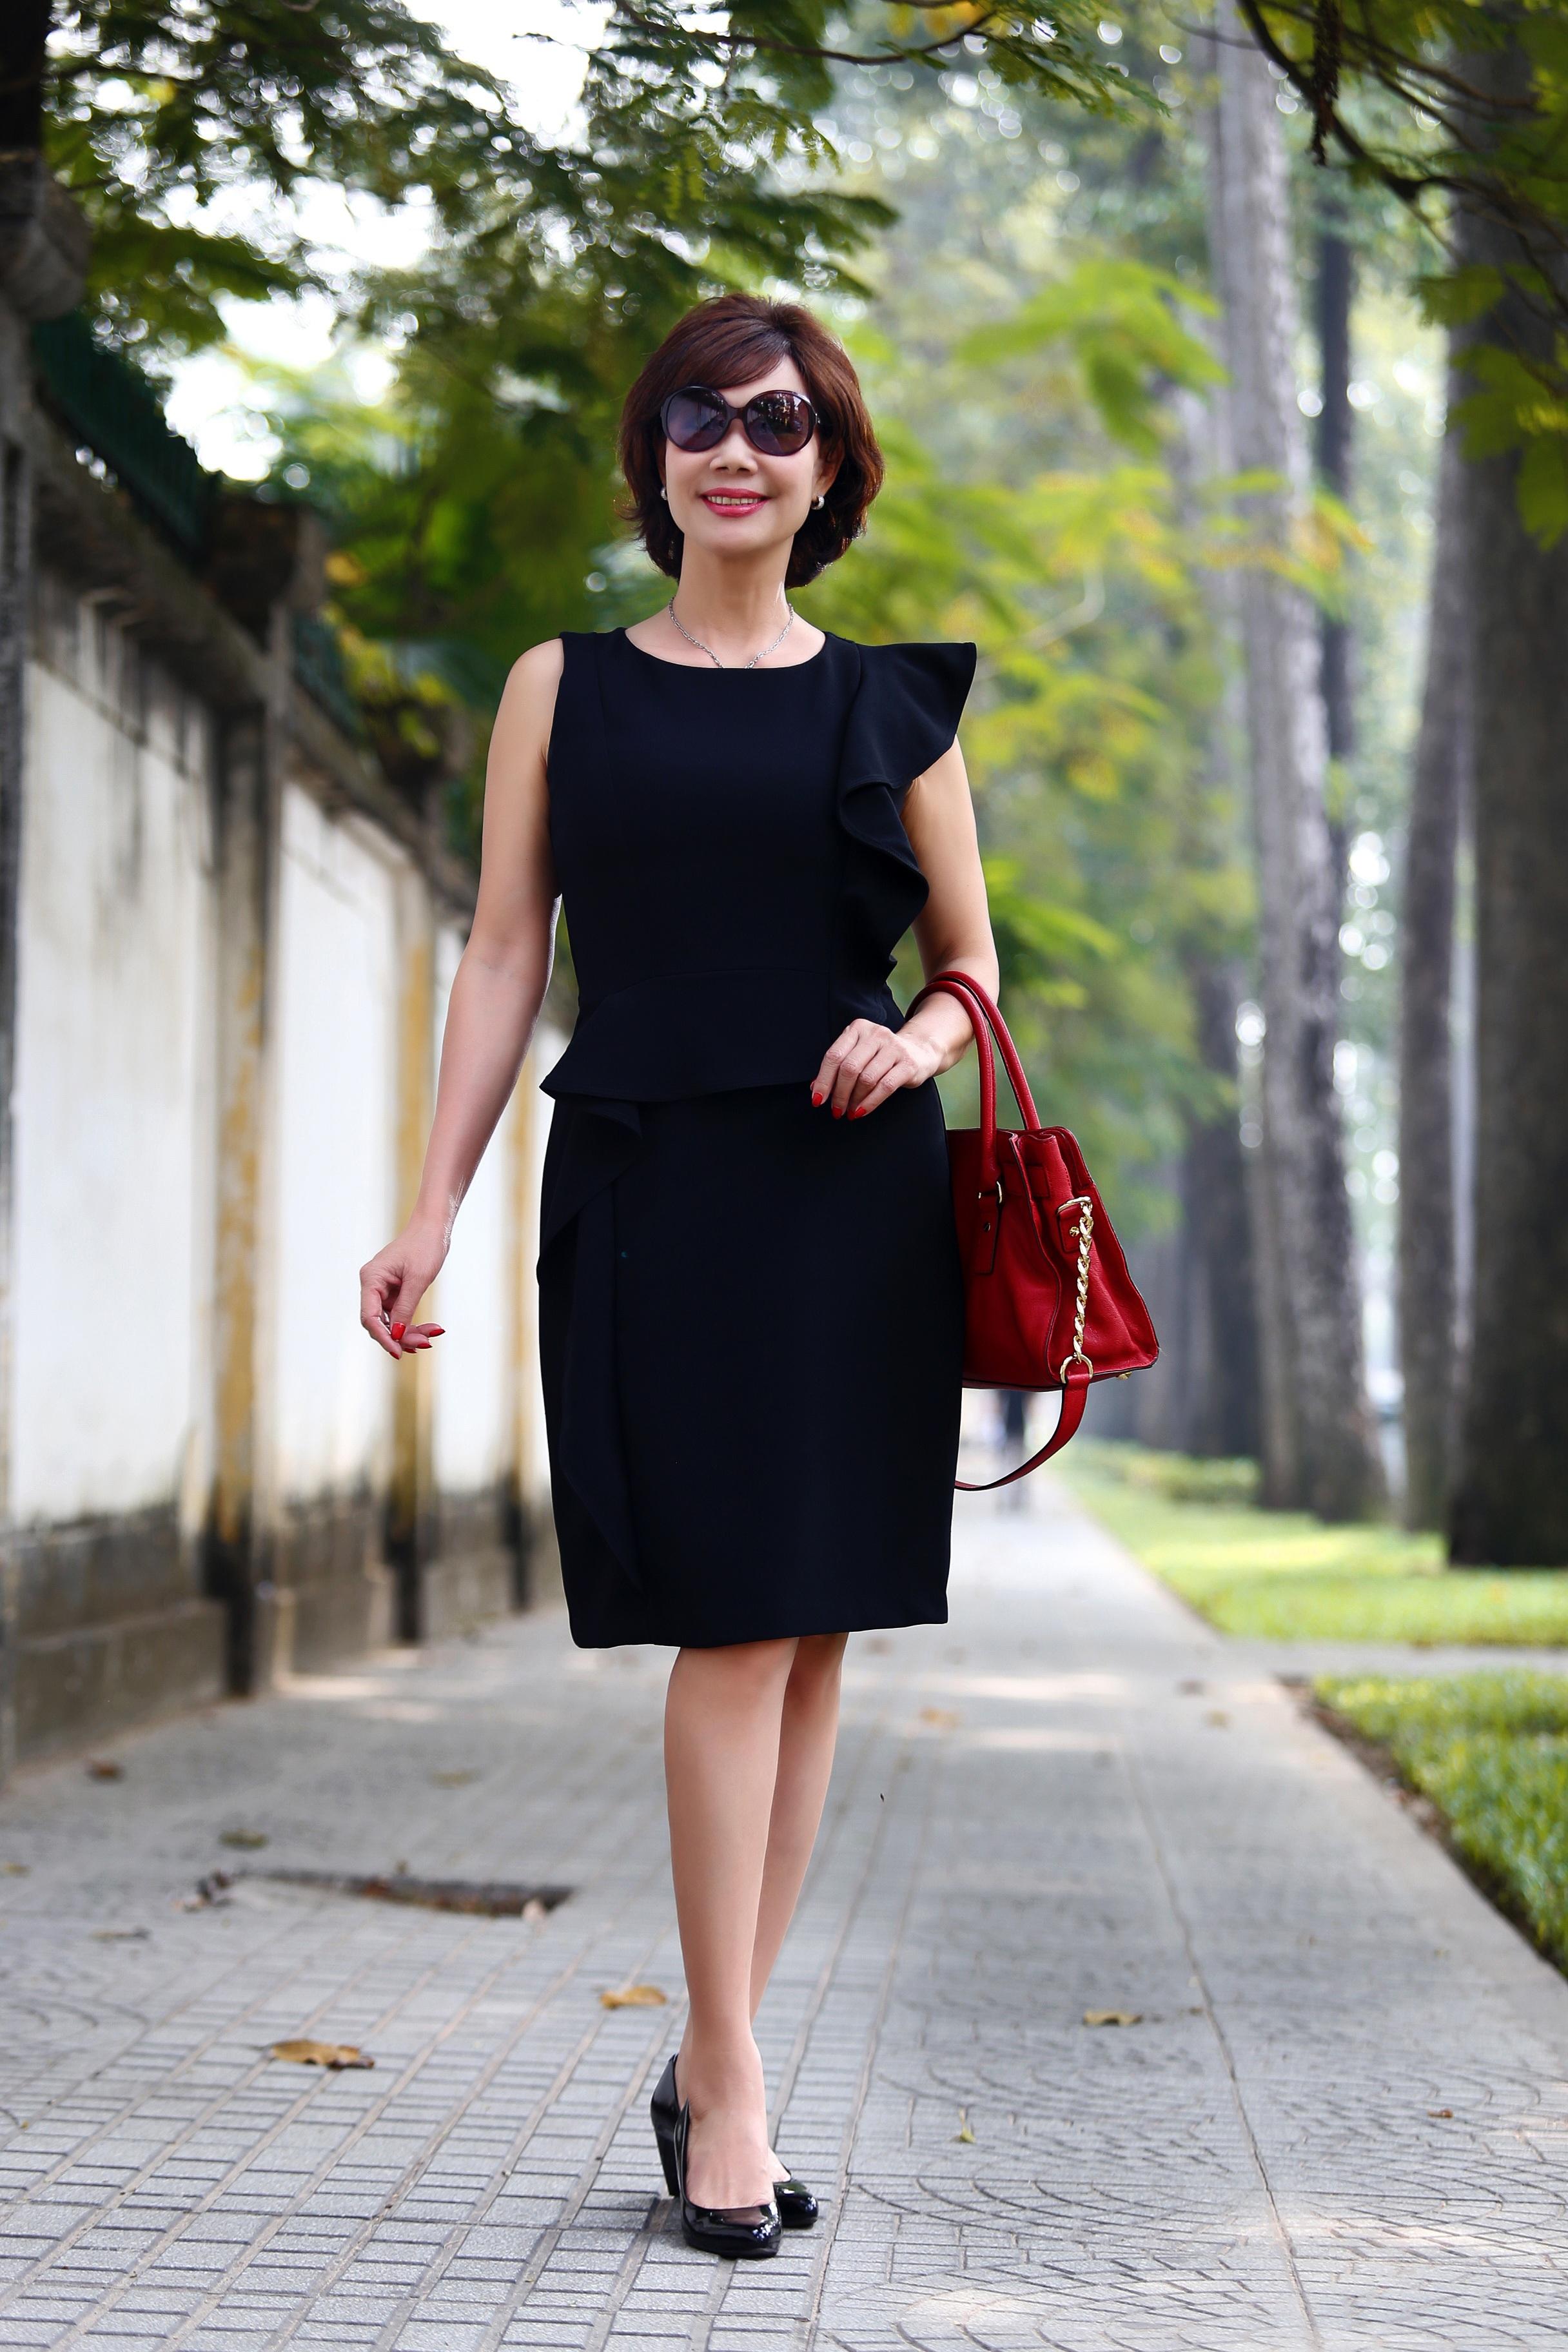 Hiện tại, PTV Thúy Hoa có cuộc sống khá thoải mái sau khi về hưu. Bà vẫn giữ được sự xinh đẹp của mình dù sắp bước sang tuổi lục tuần.